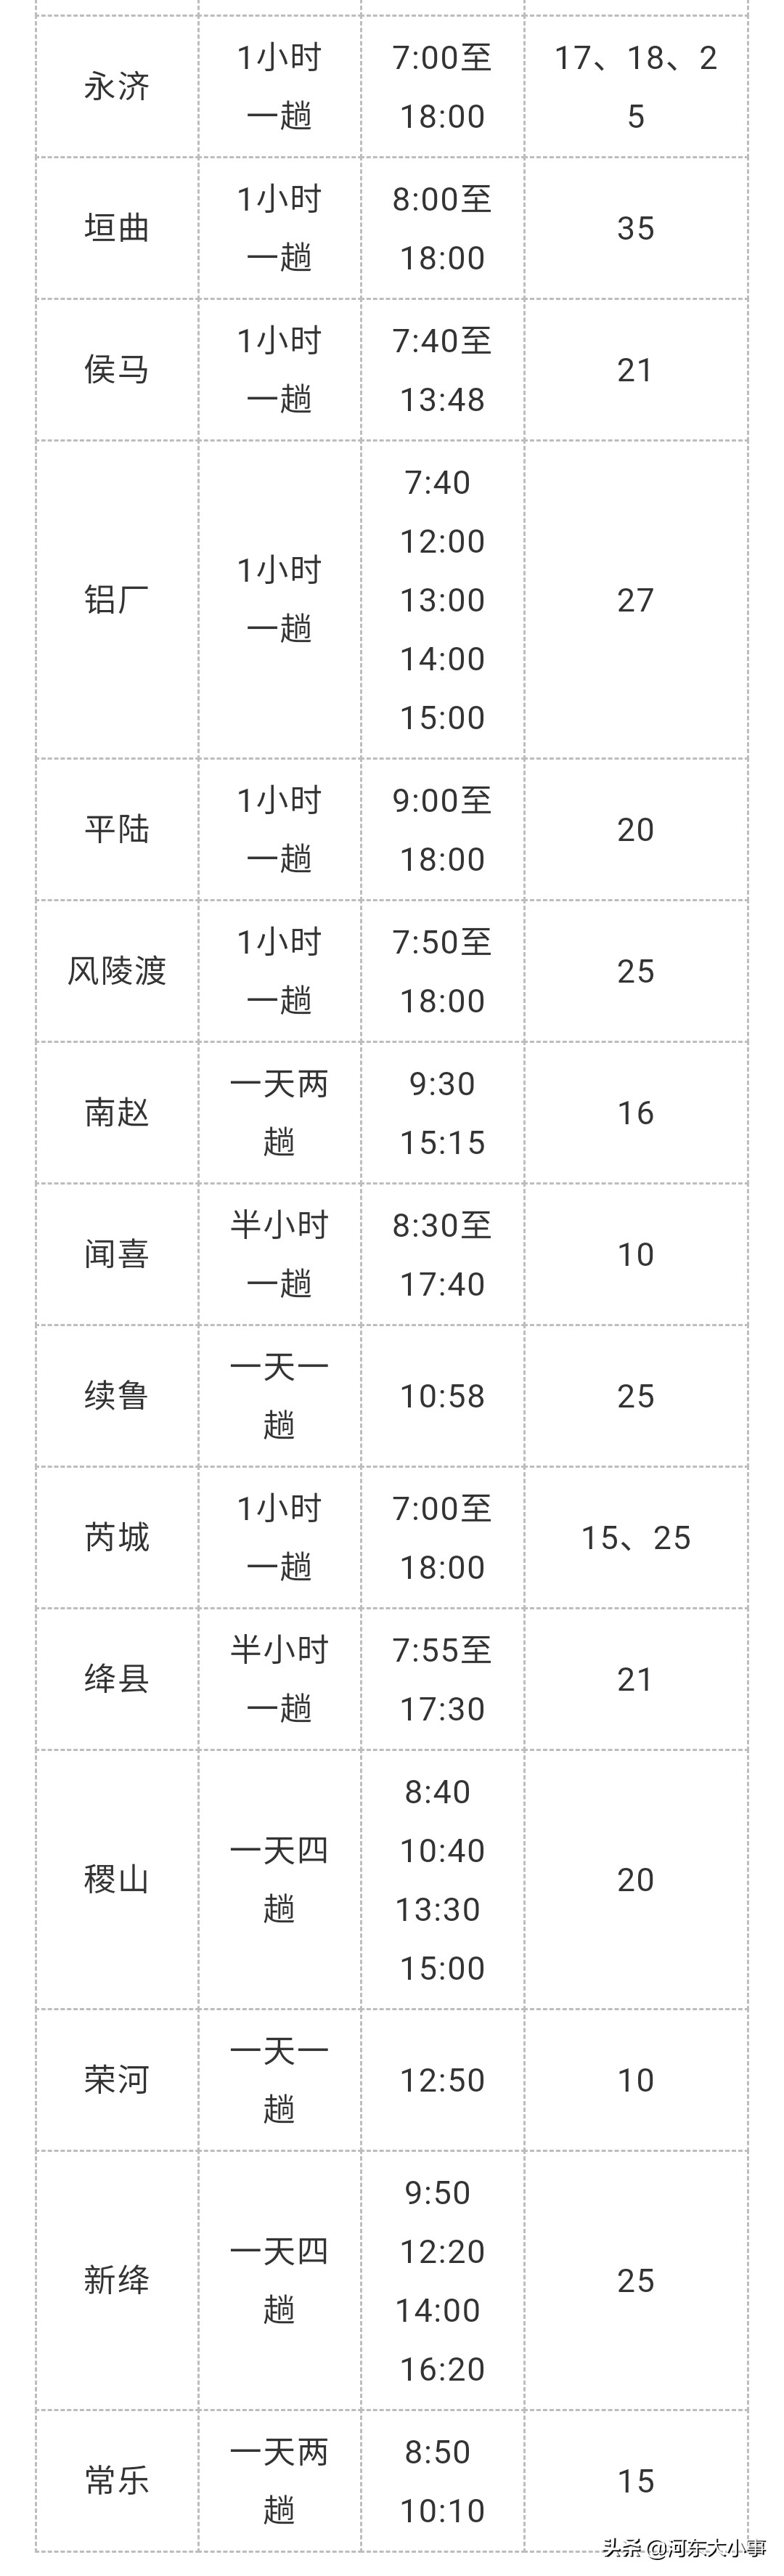 「收藏」运城市中心汽车站最新客运班线时刻表(含票价)